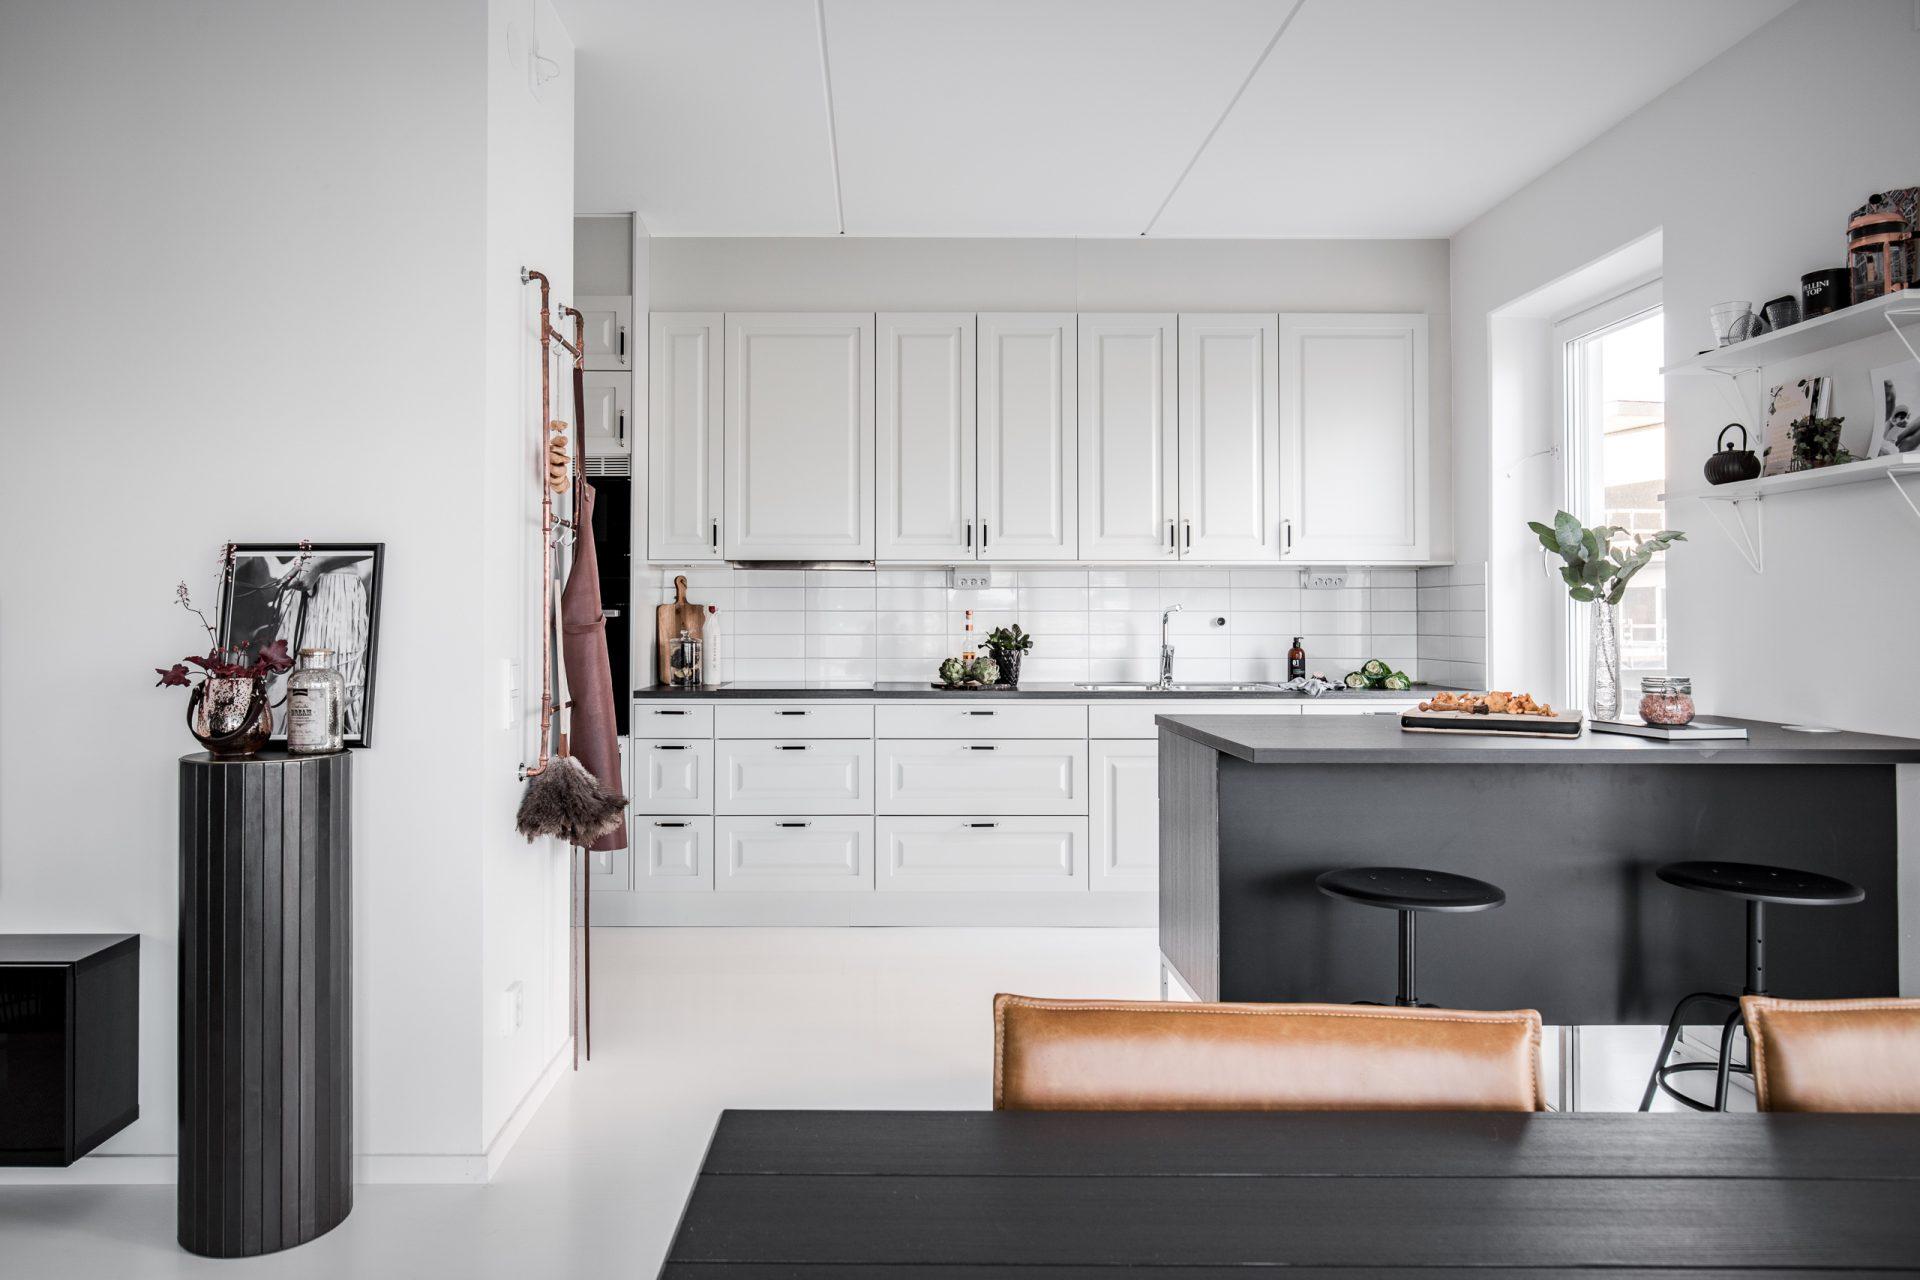 Åby allé - Kök